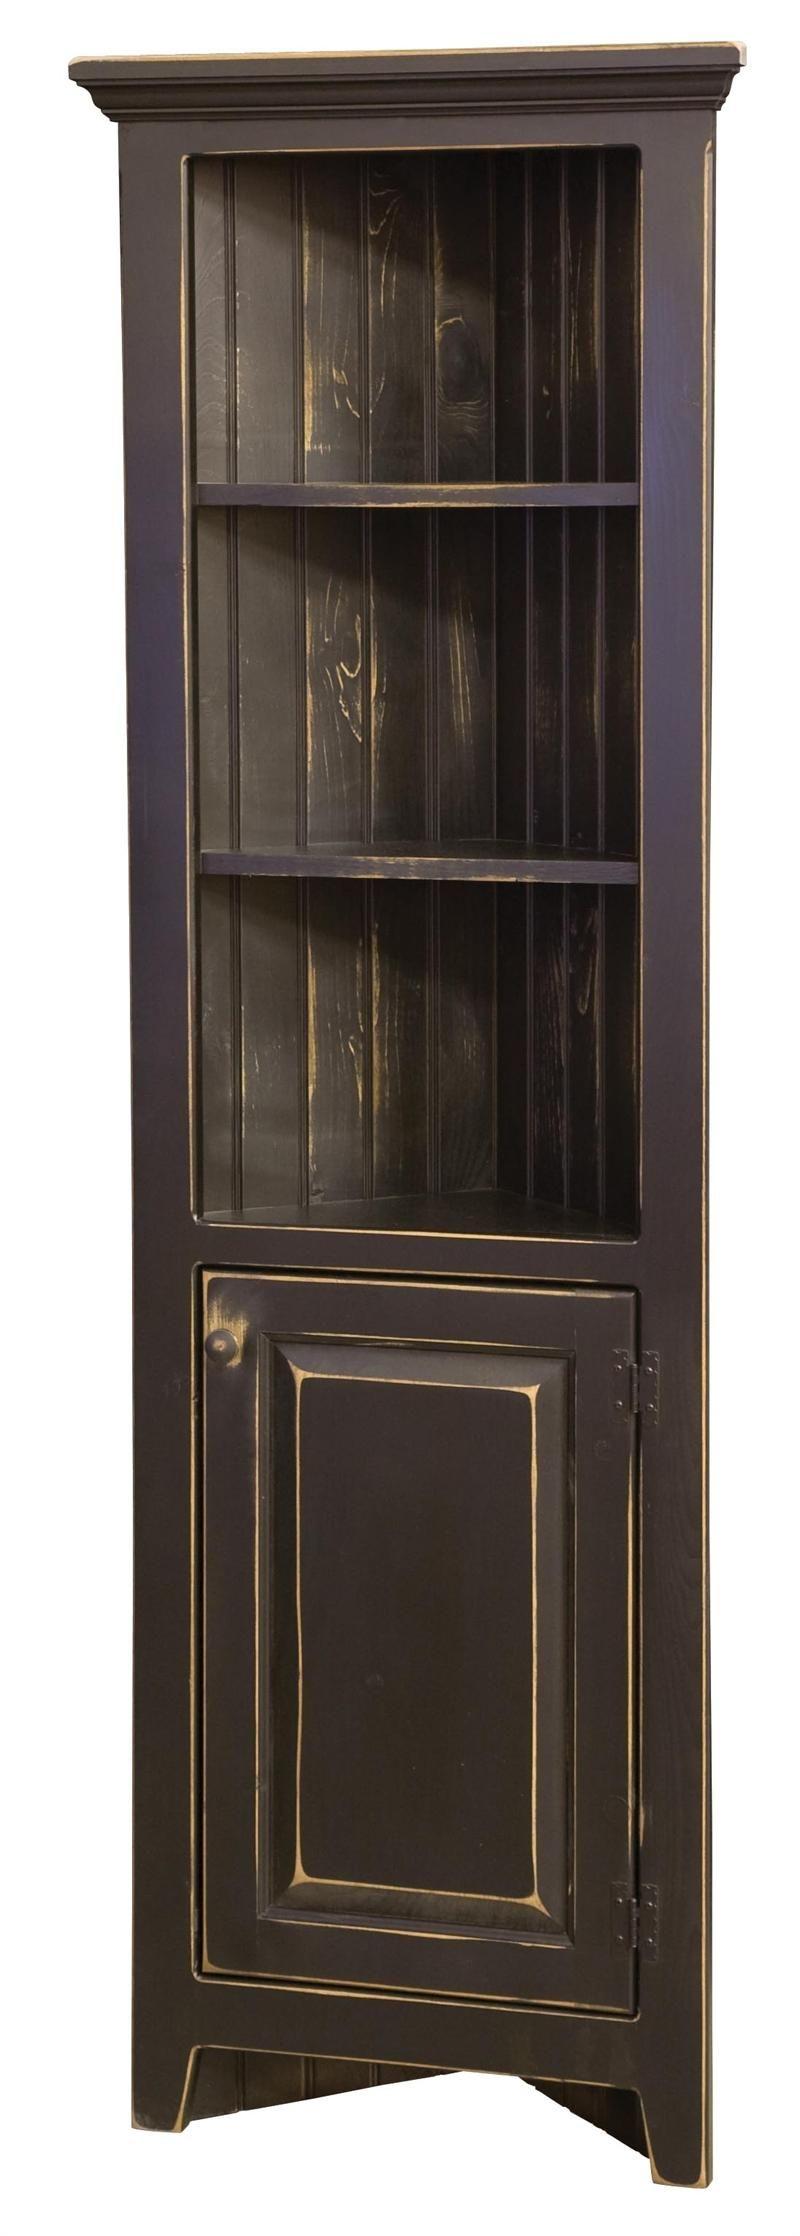 black corner cabinet   Furniture Home  Dining Room